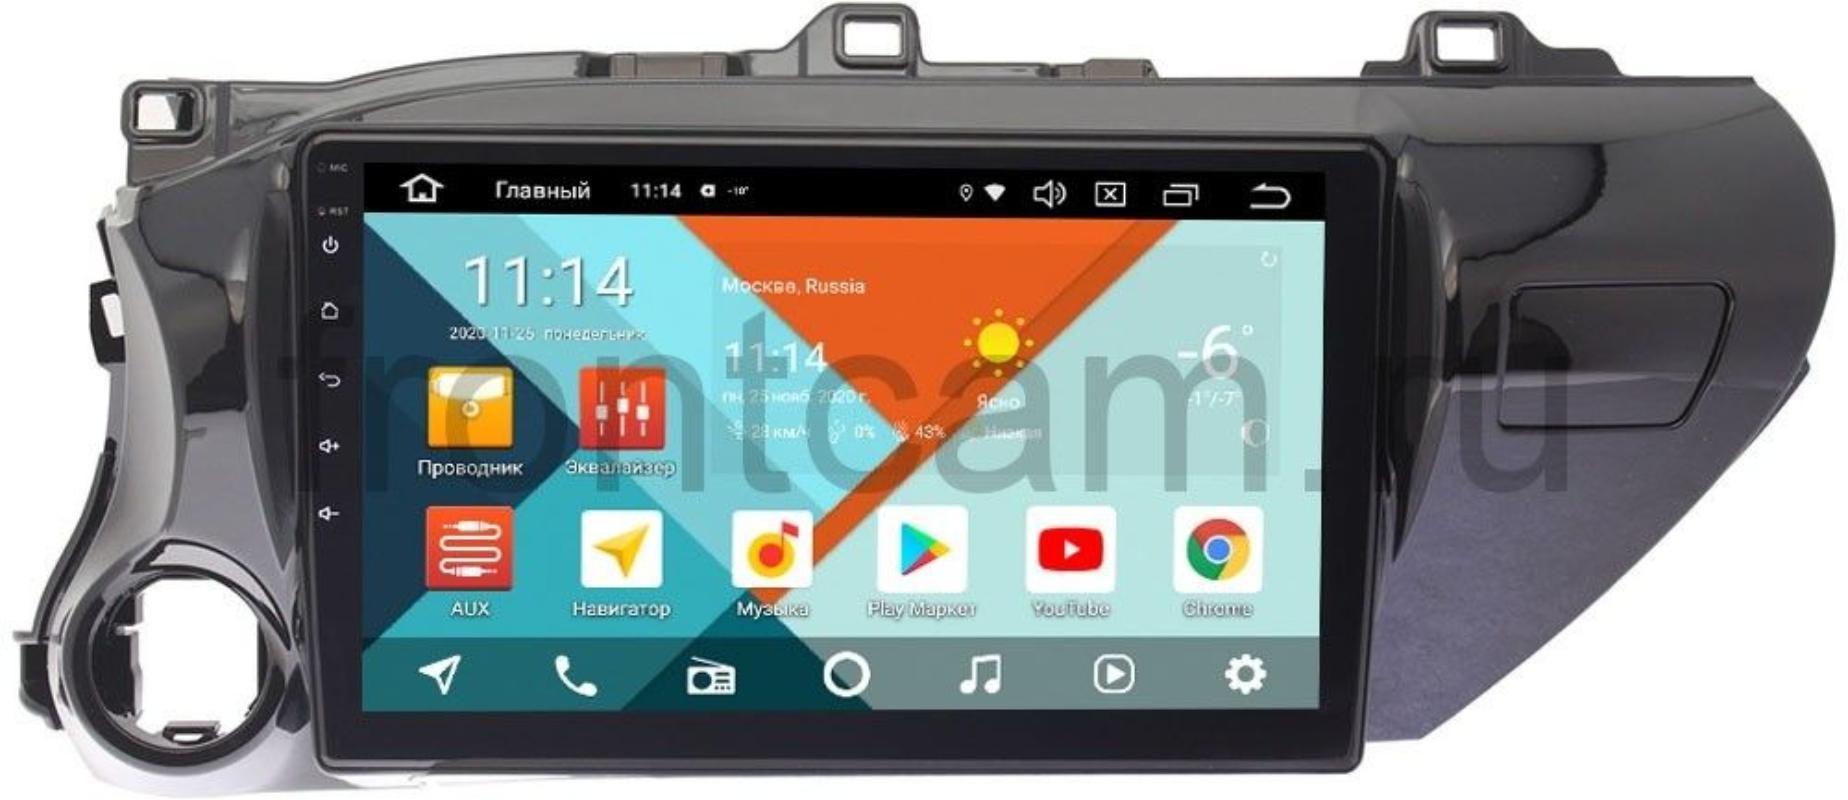 Штатная магнитола Toyota Hilux VIII 2015-2018 Wide Media KS1071QM-2/32 DSP CarPlay 4G-SIM на Android 10 (для авто без магнитолы) (+ Камера заднего вида в подарок!)